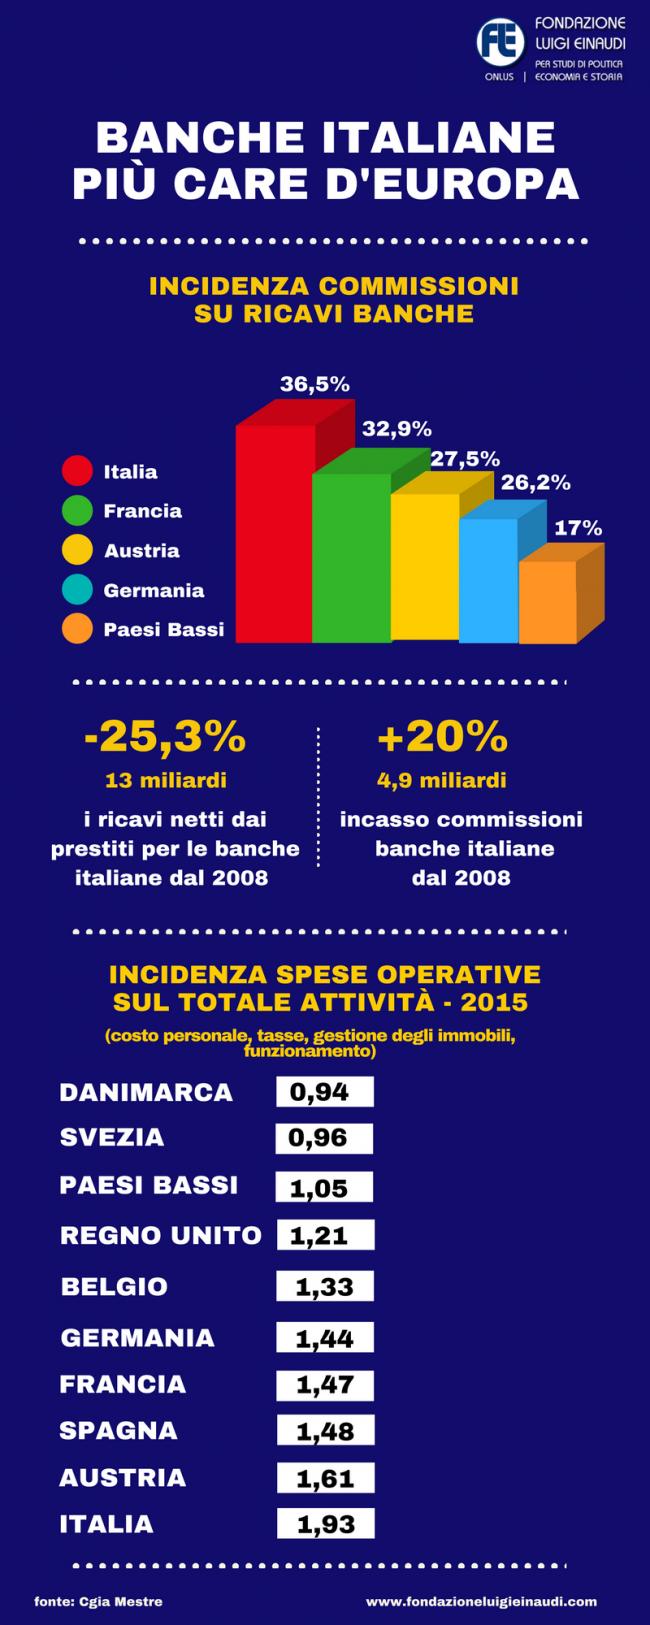 banche italiane più costose d'europa